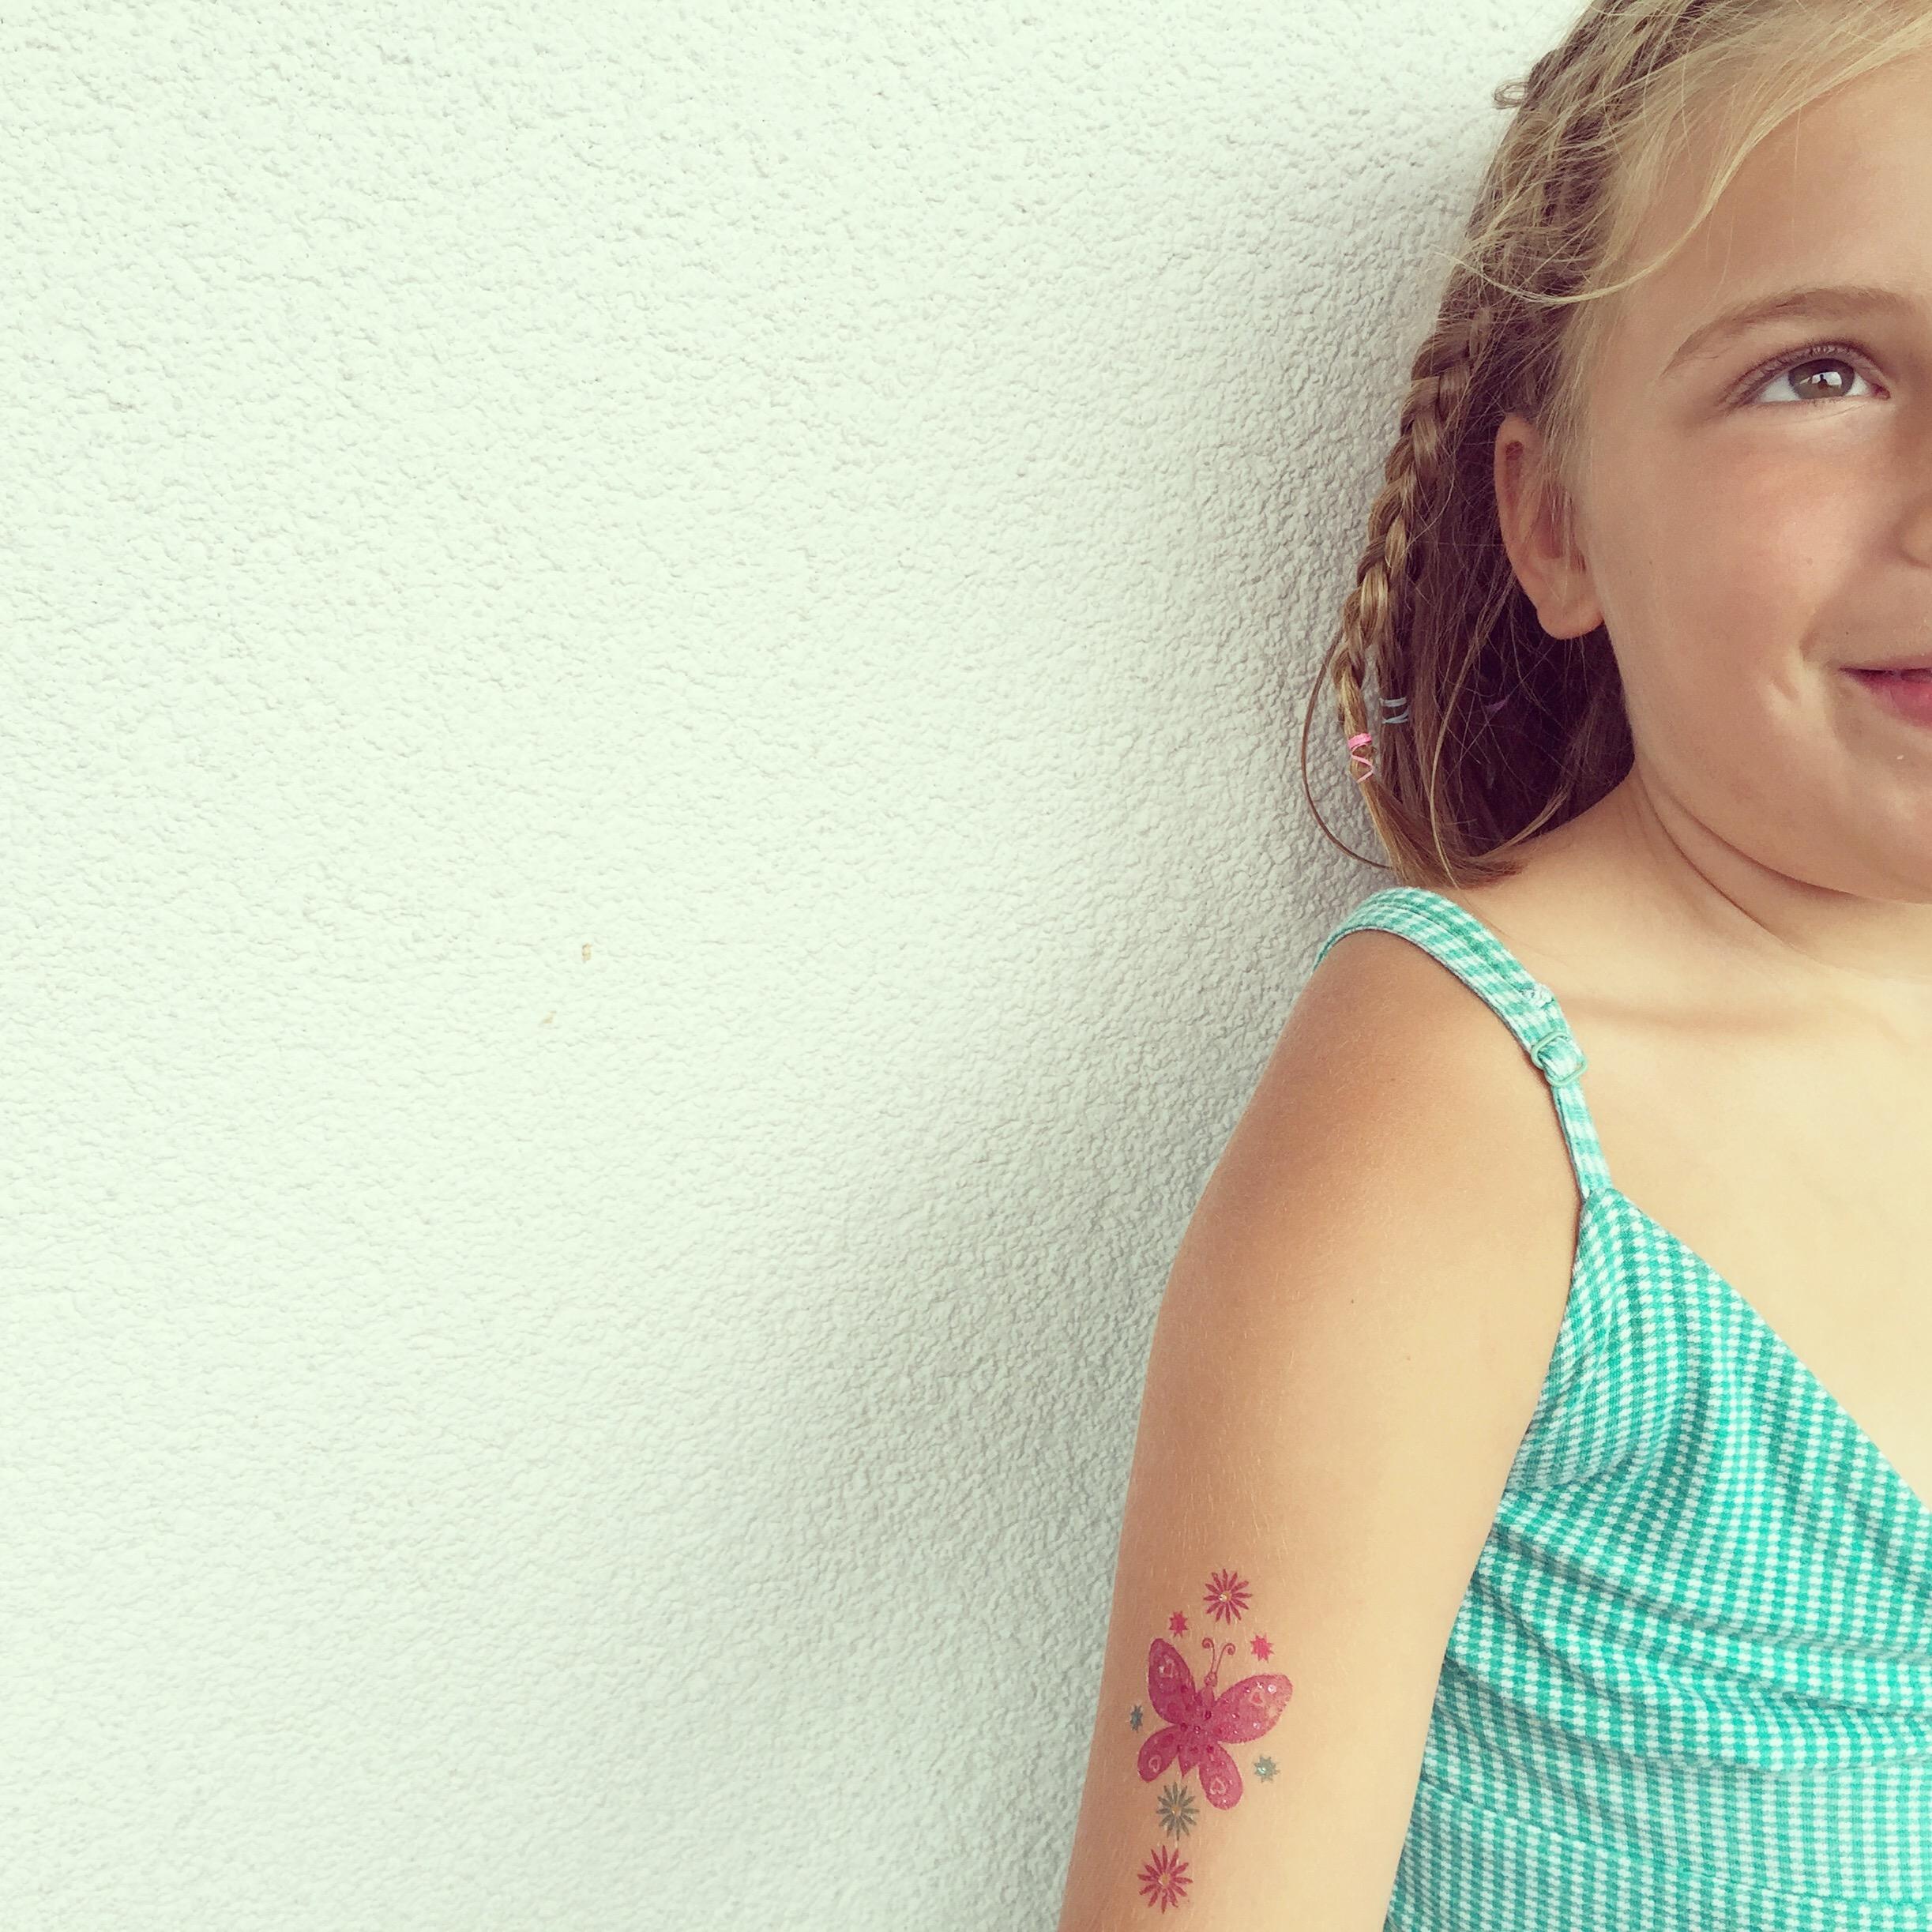 Haar tattoo...